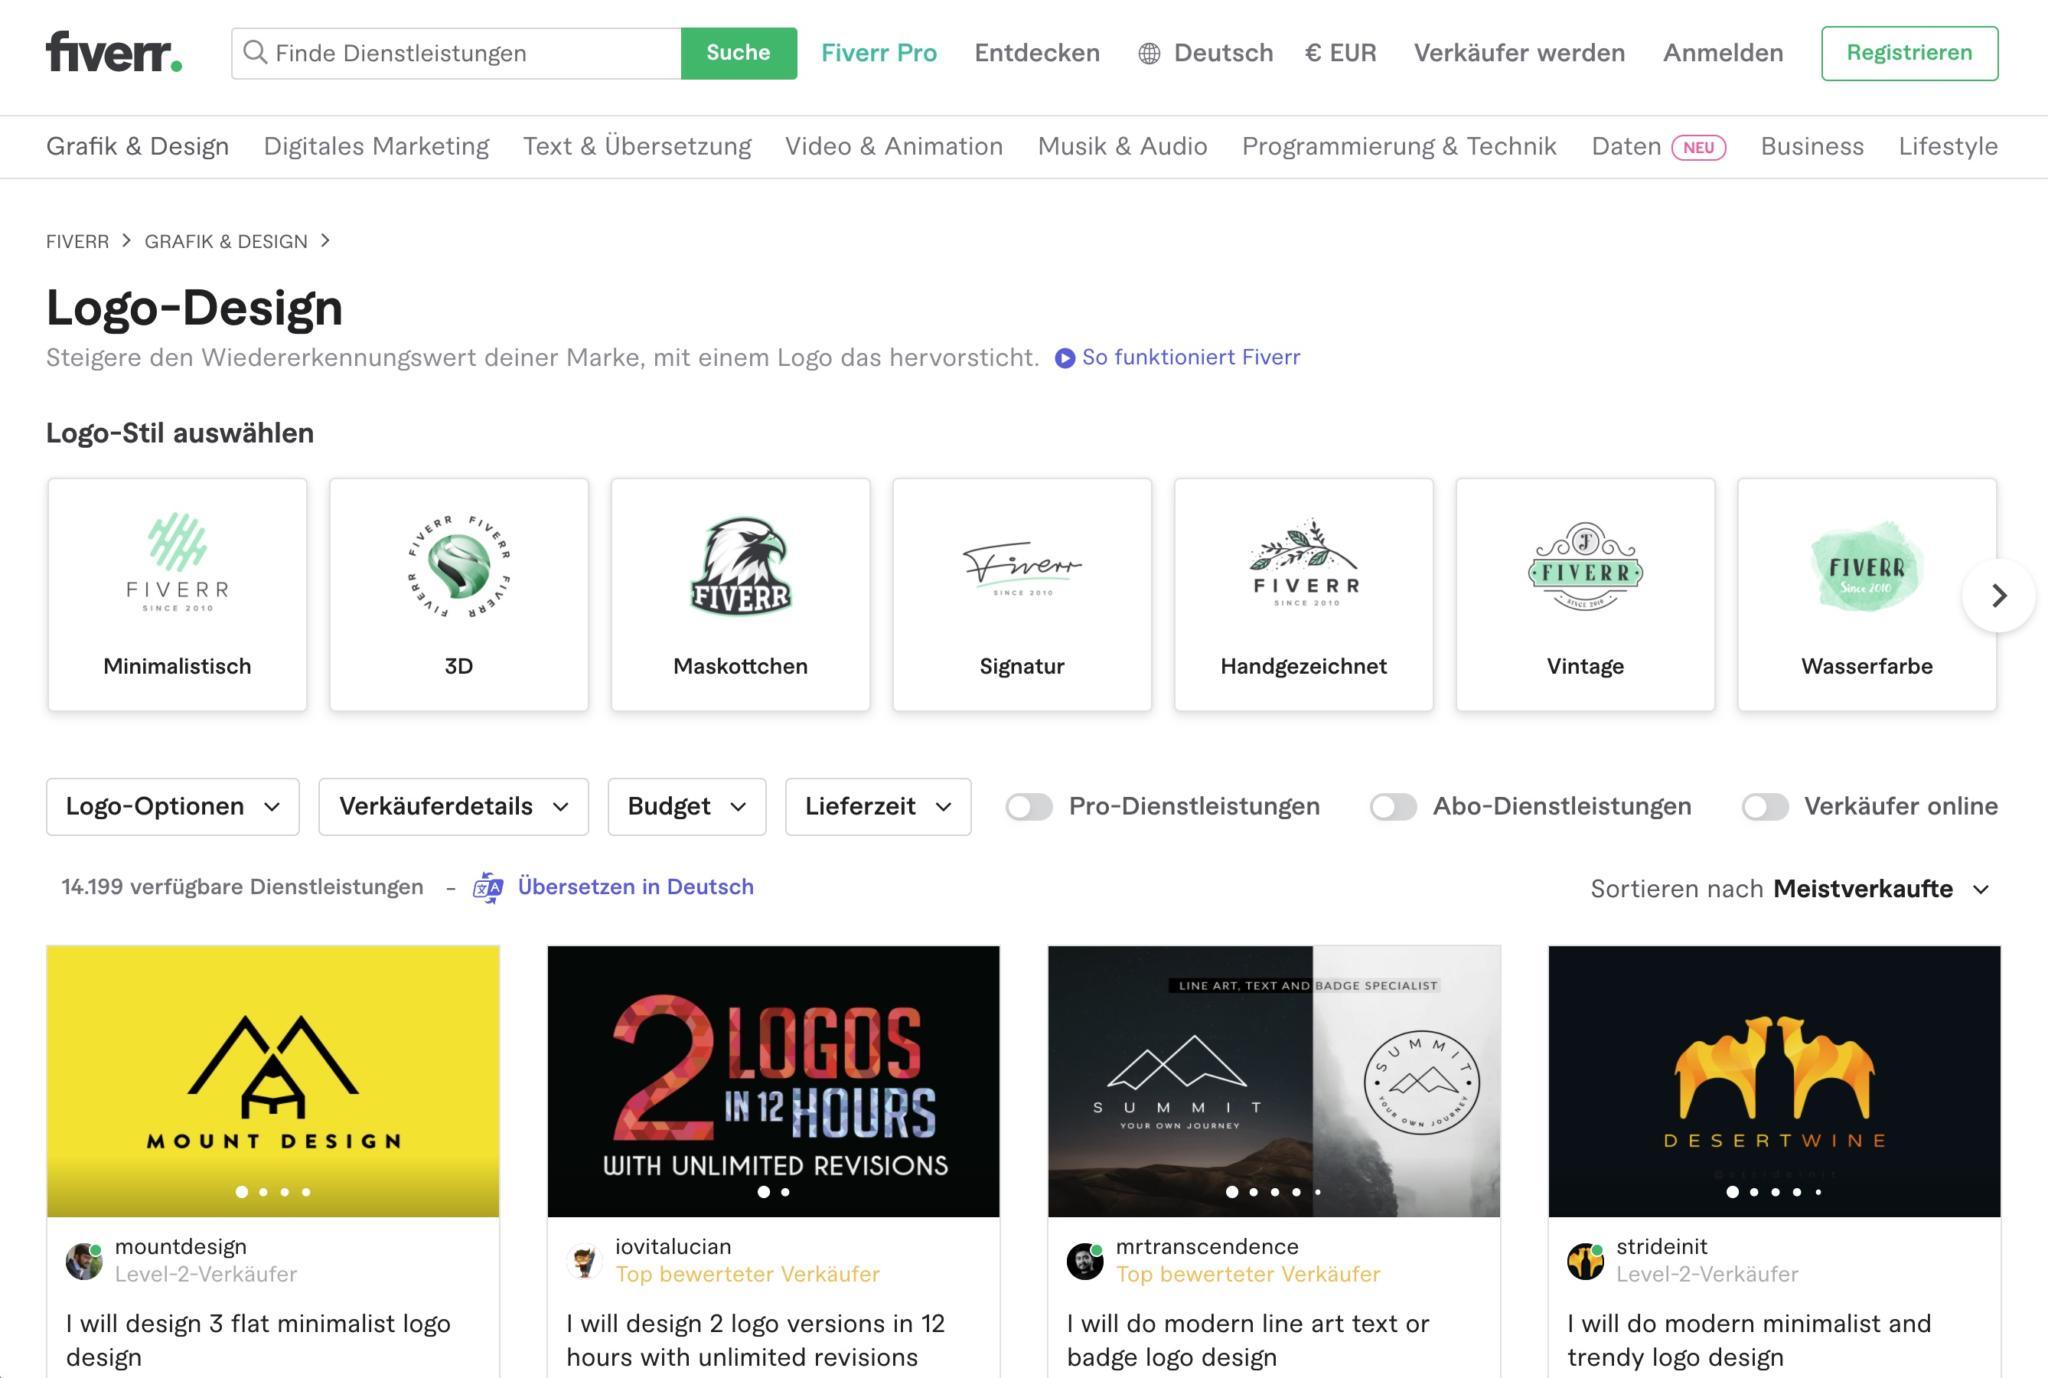 fiverr logo designer Günstig ein Logo für eine WordPress-Webseite entwerfen lassen